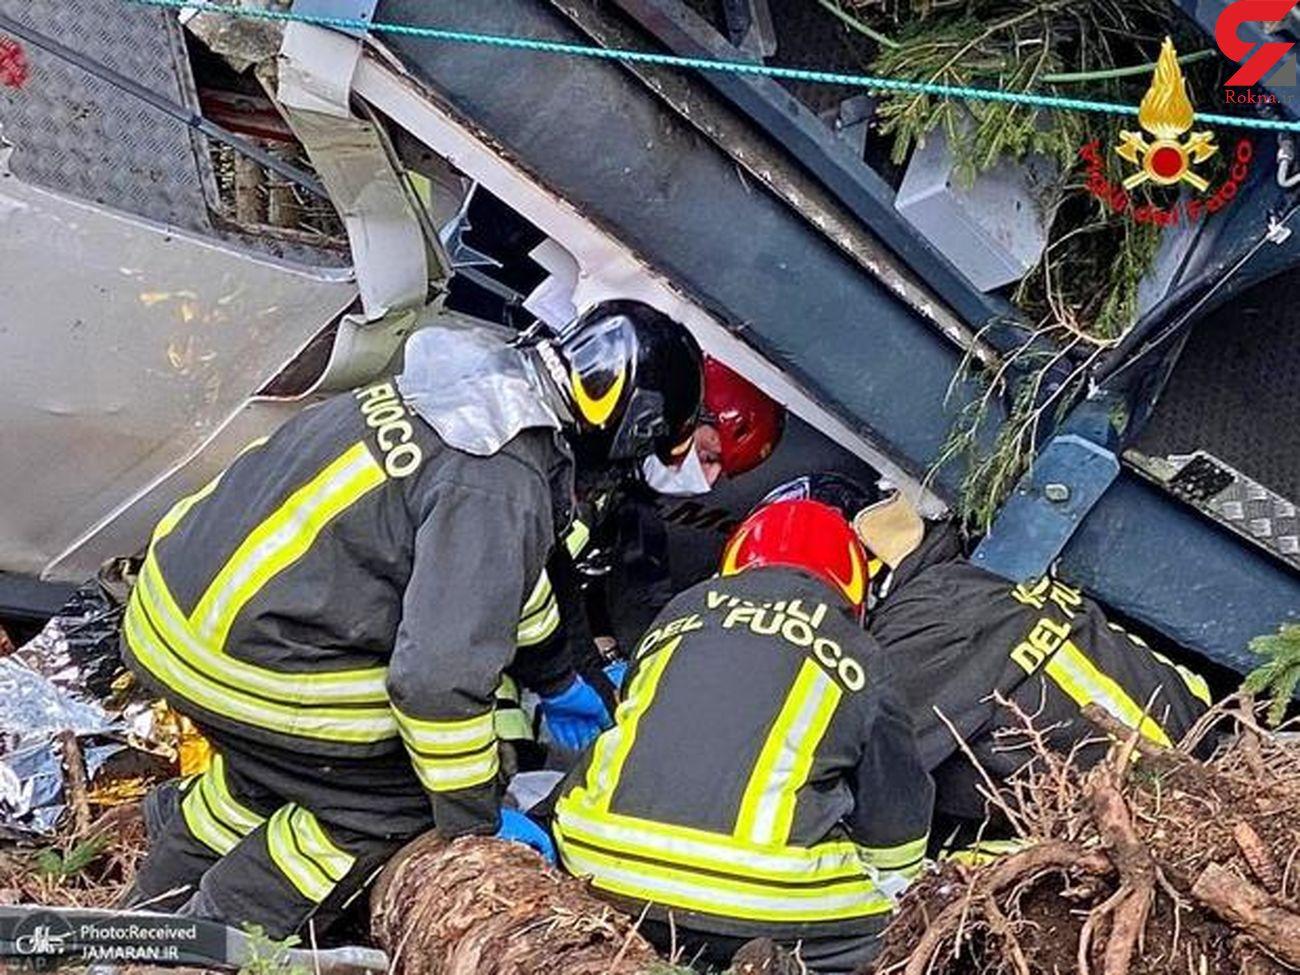 بازداشت 3 نفر در پرونده سقوط مرگبار تله کابین در ایتالیا